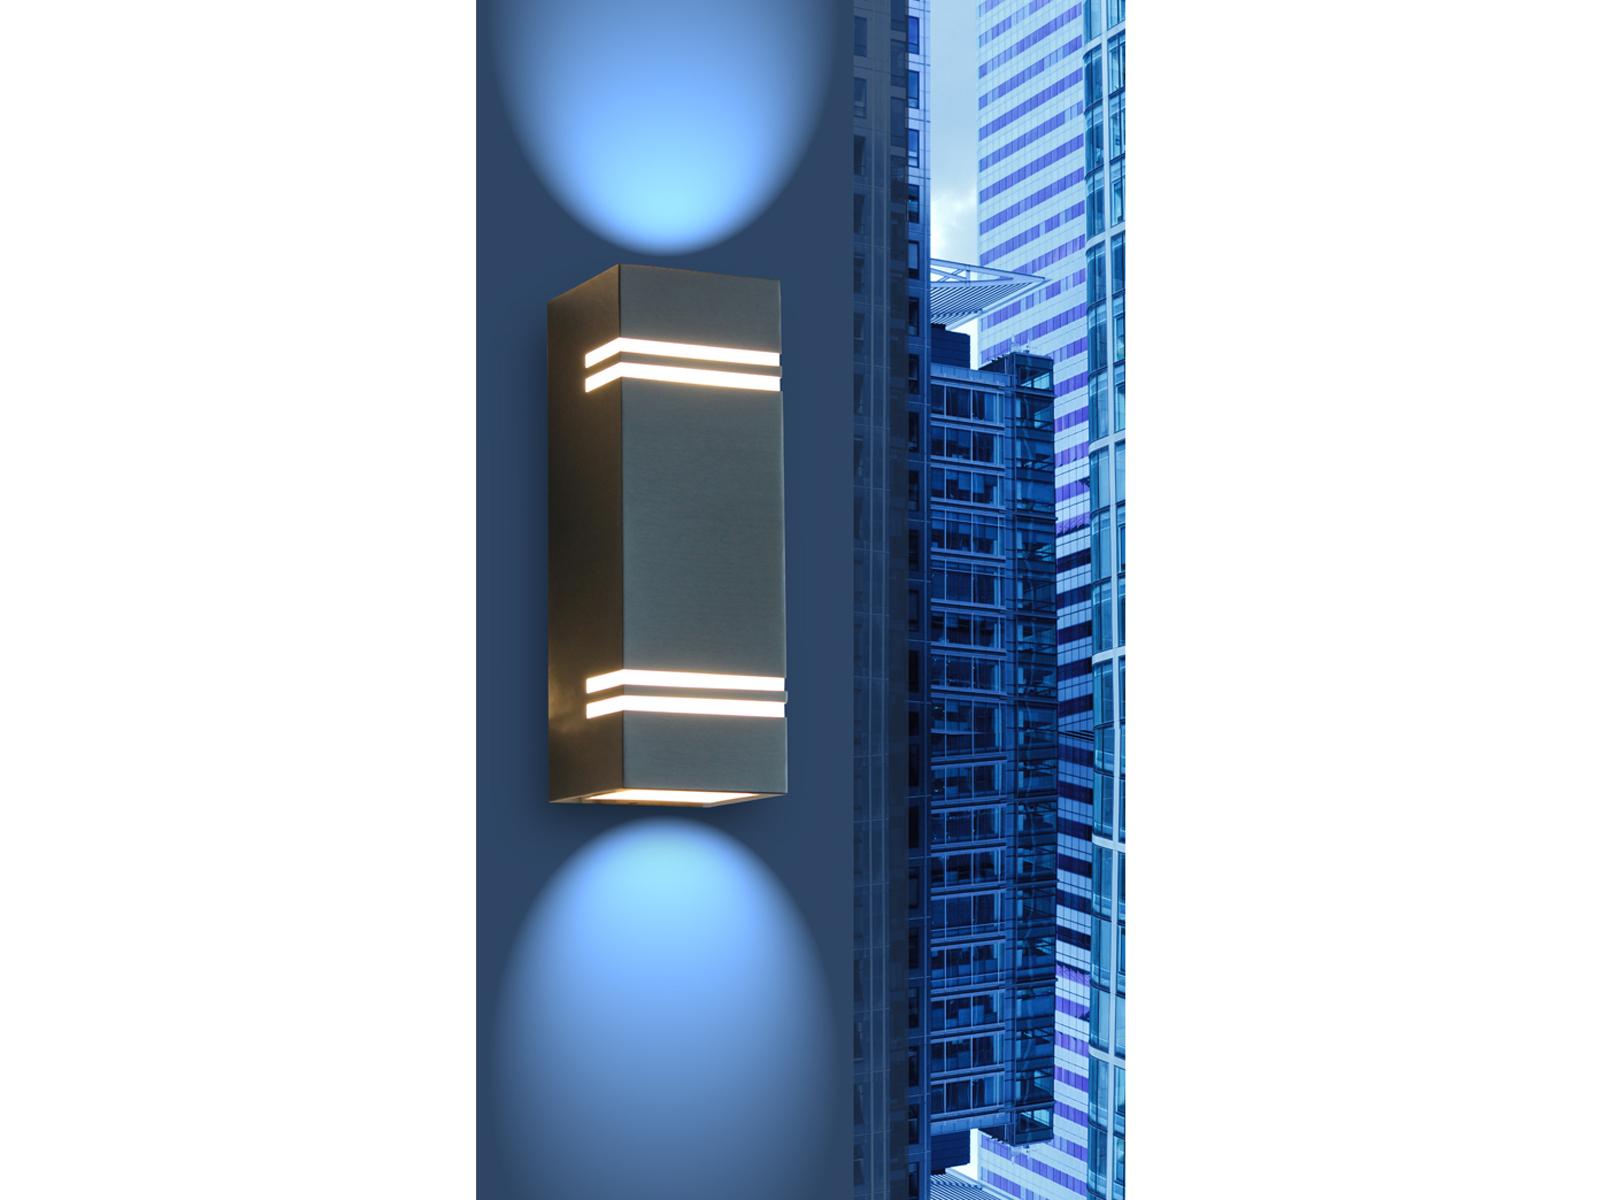 Außenwandleuchte Edelstahl LED IP44 Up & Downlight H. 25cm Außenbeleuchtung Haus